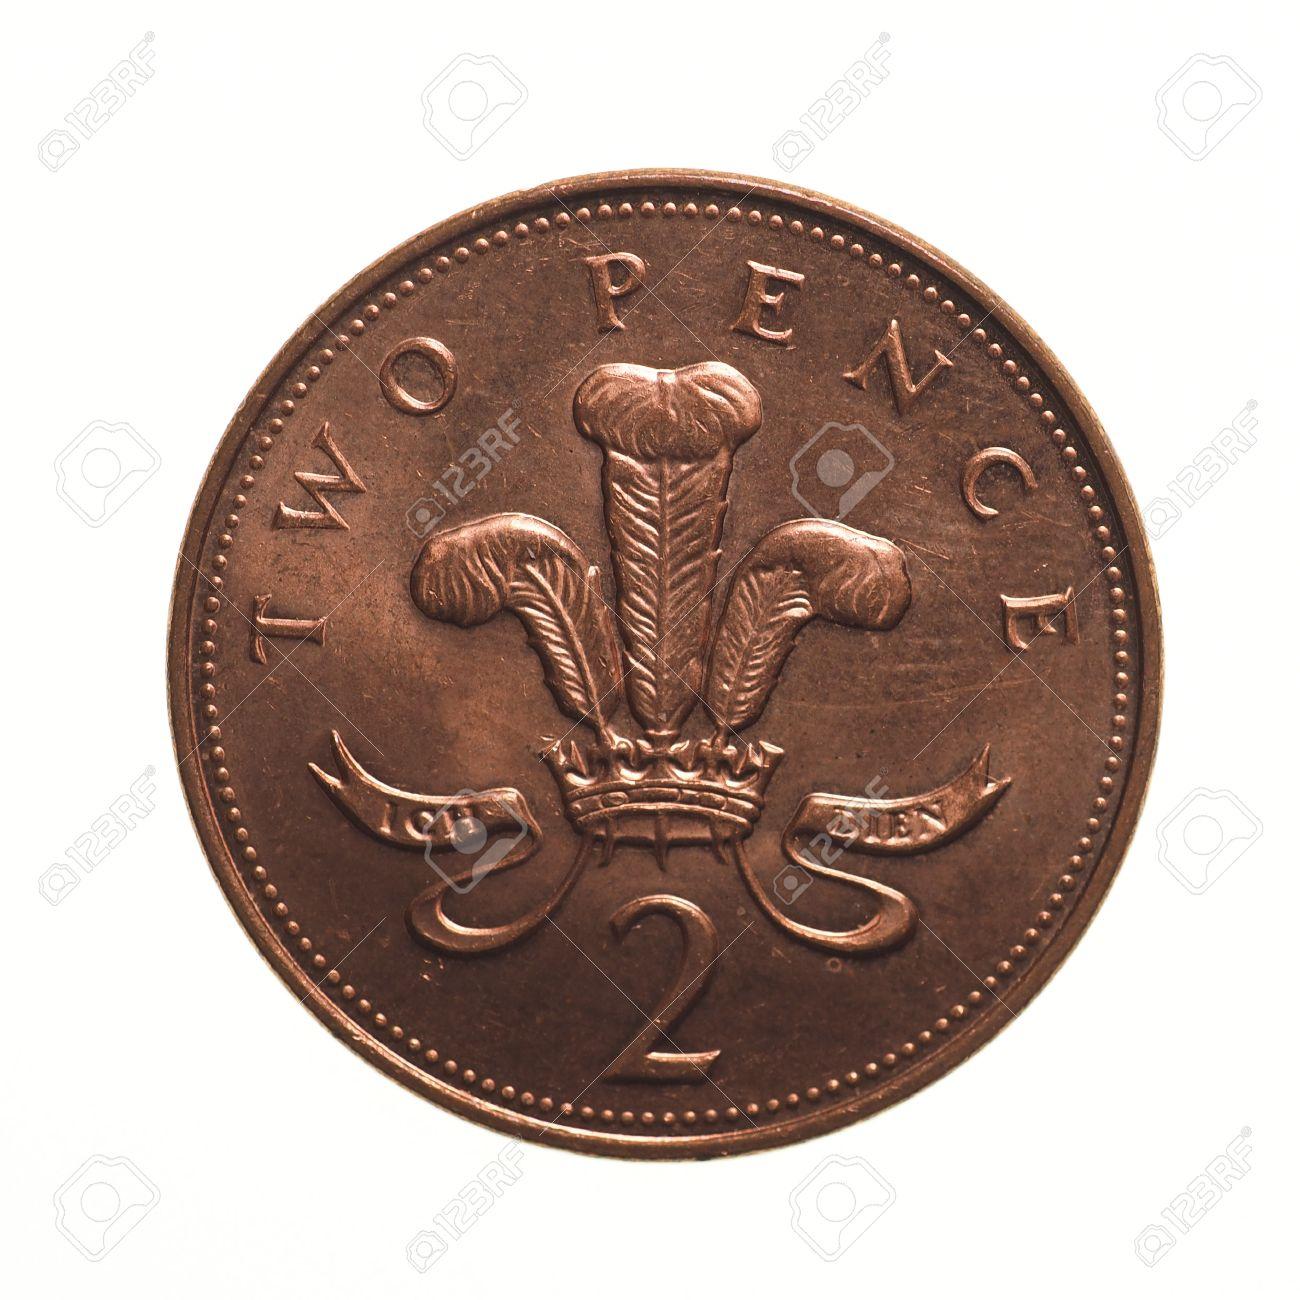 Pfund Münze 2 Pence Währung Des Vereinigten Königreichs über